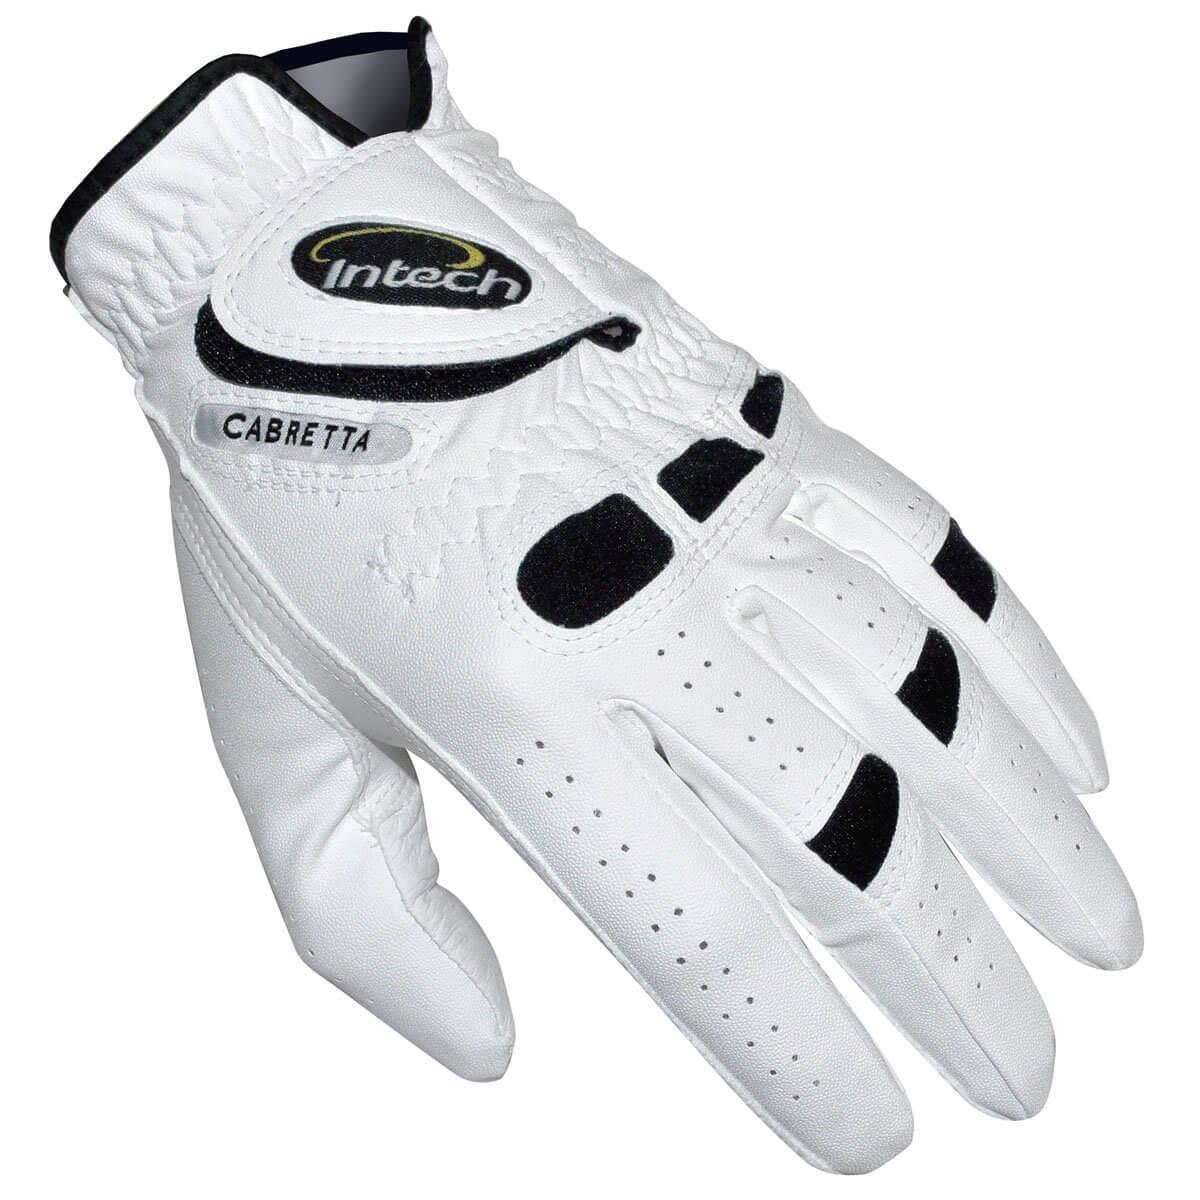 Intech Ti-Cabretta Golf Glove